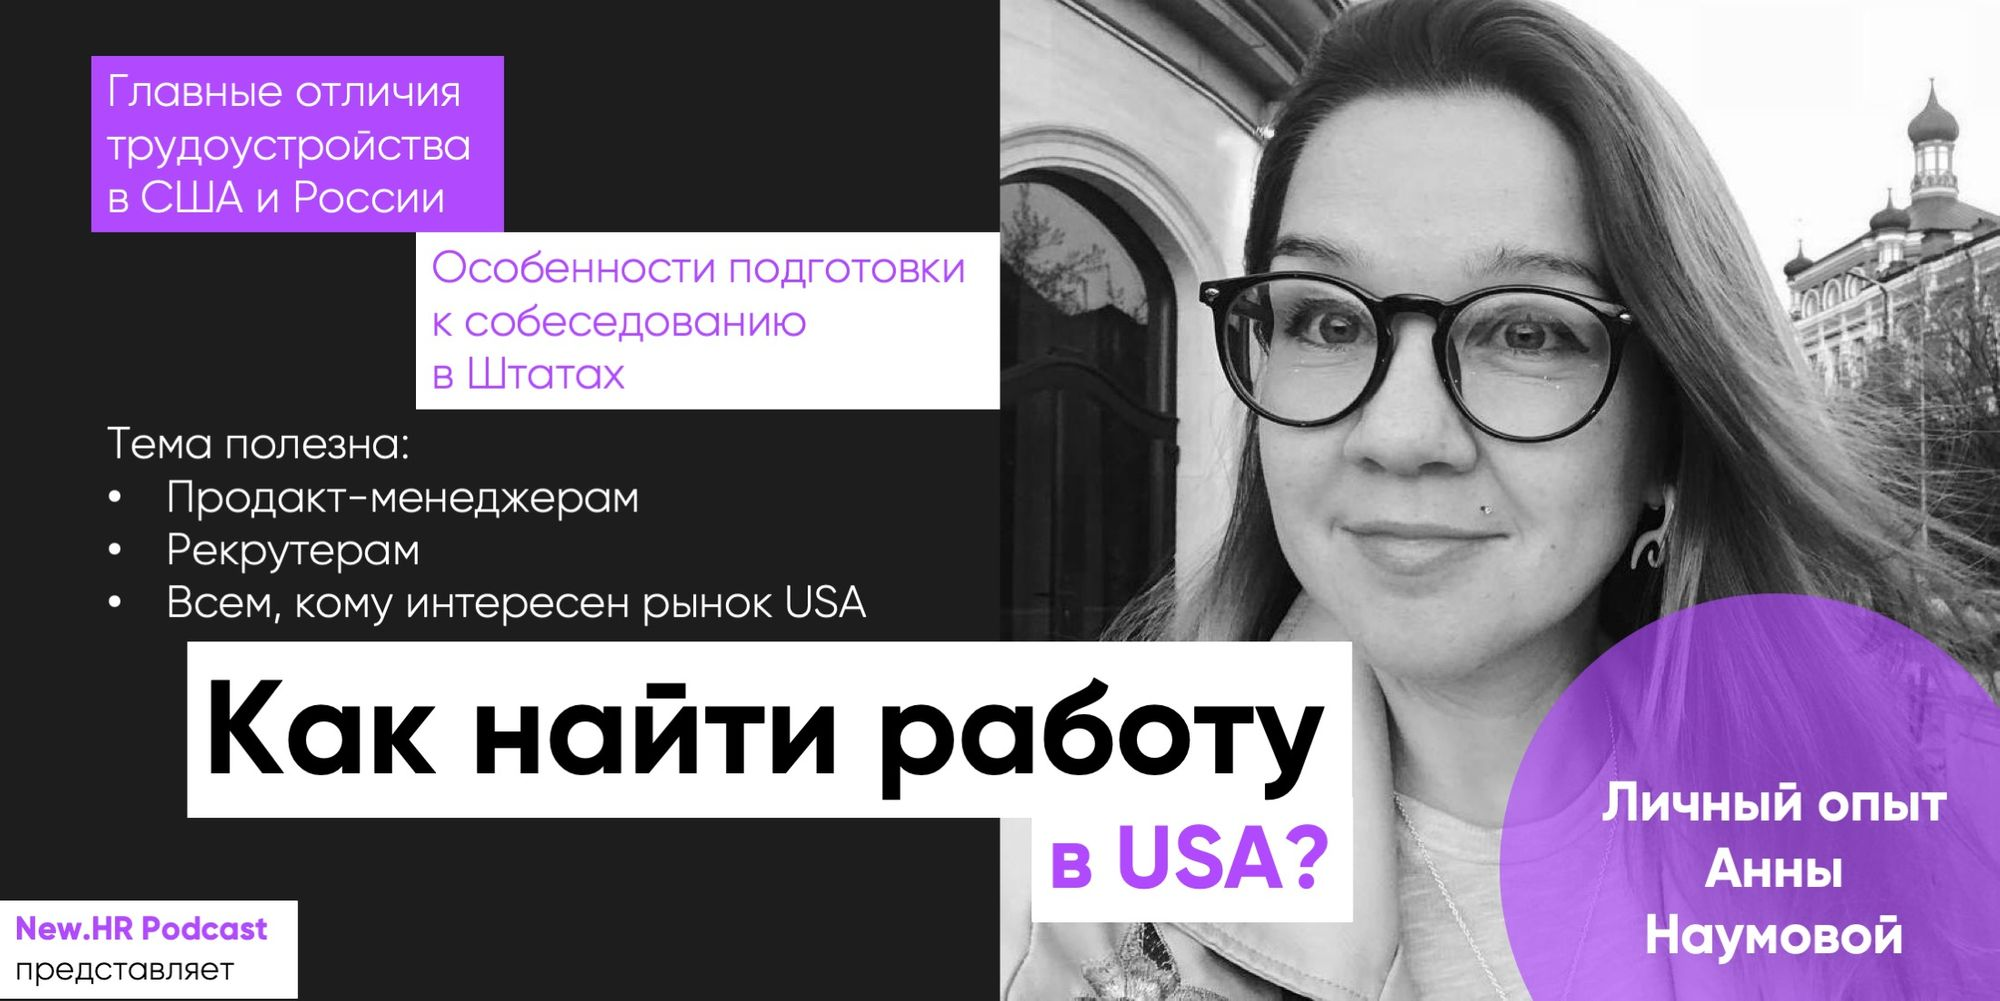 New.HR Podcast: Поиск работы в USA с Анной Наумовой